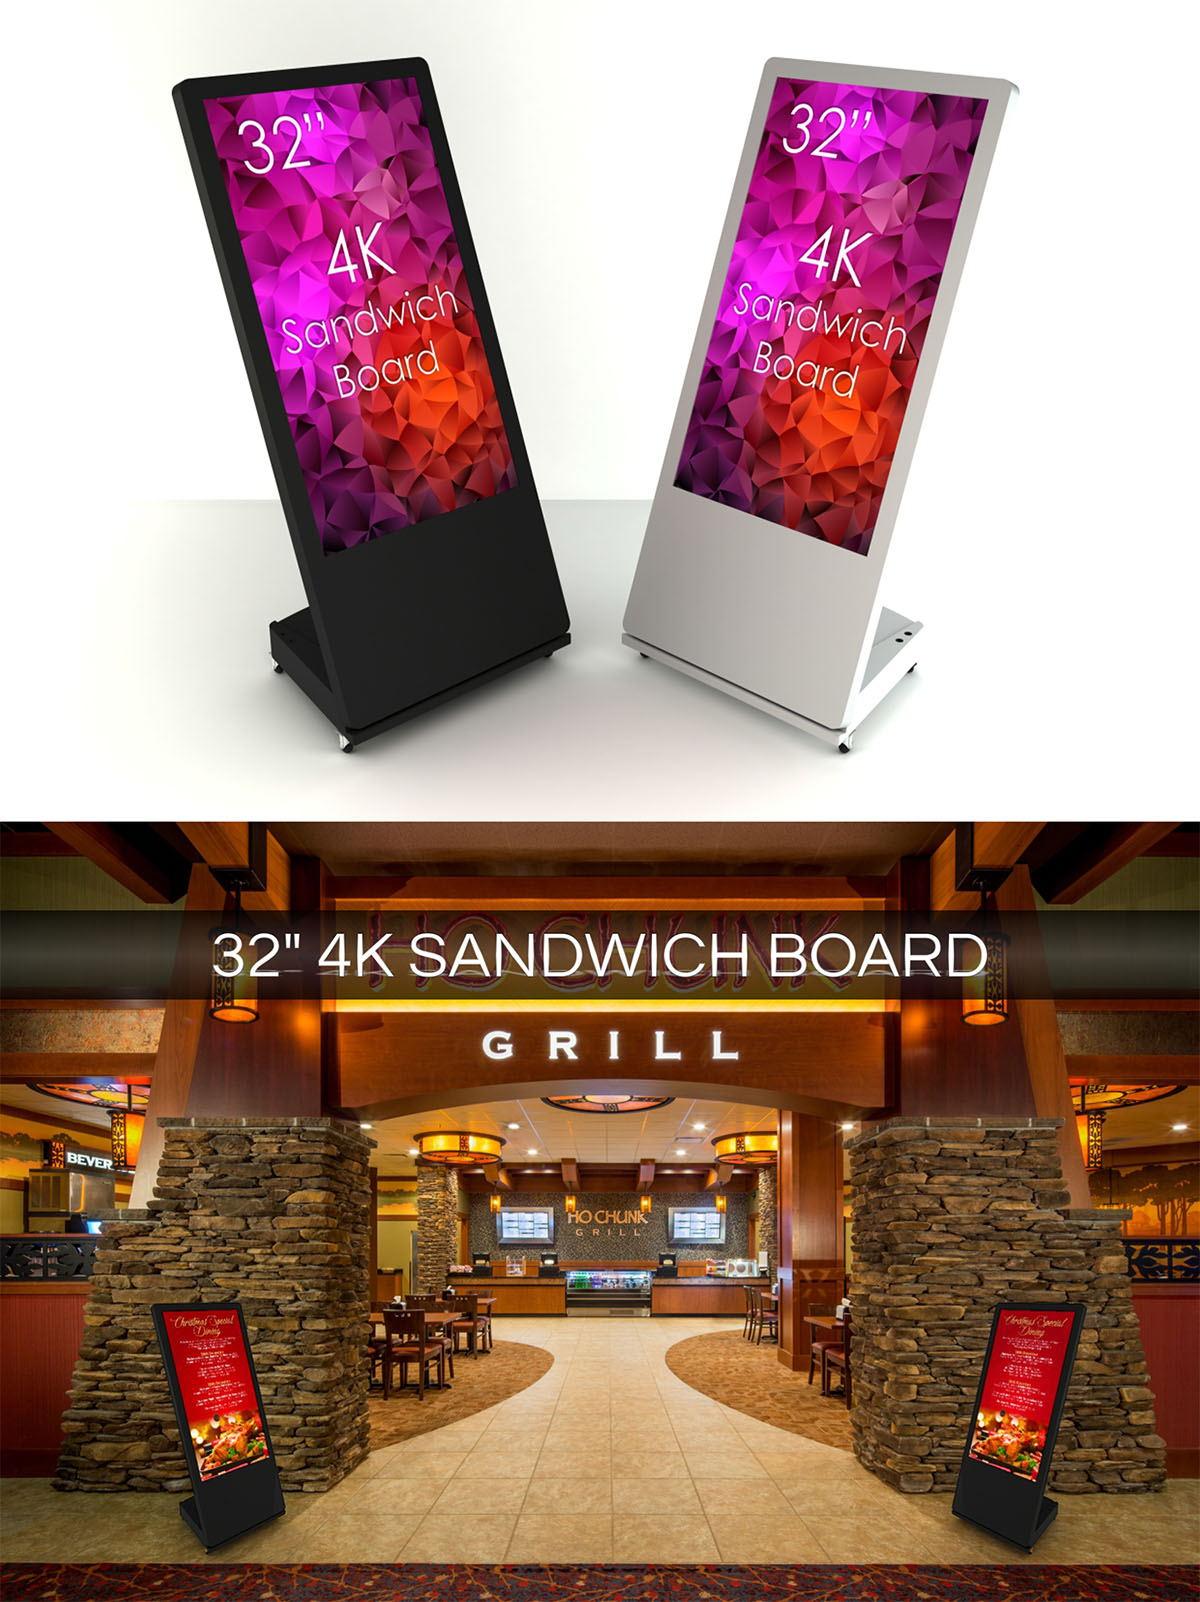 digital-signage-32inch-sandwich-board